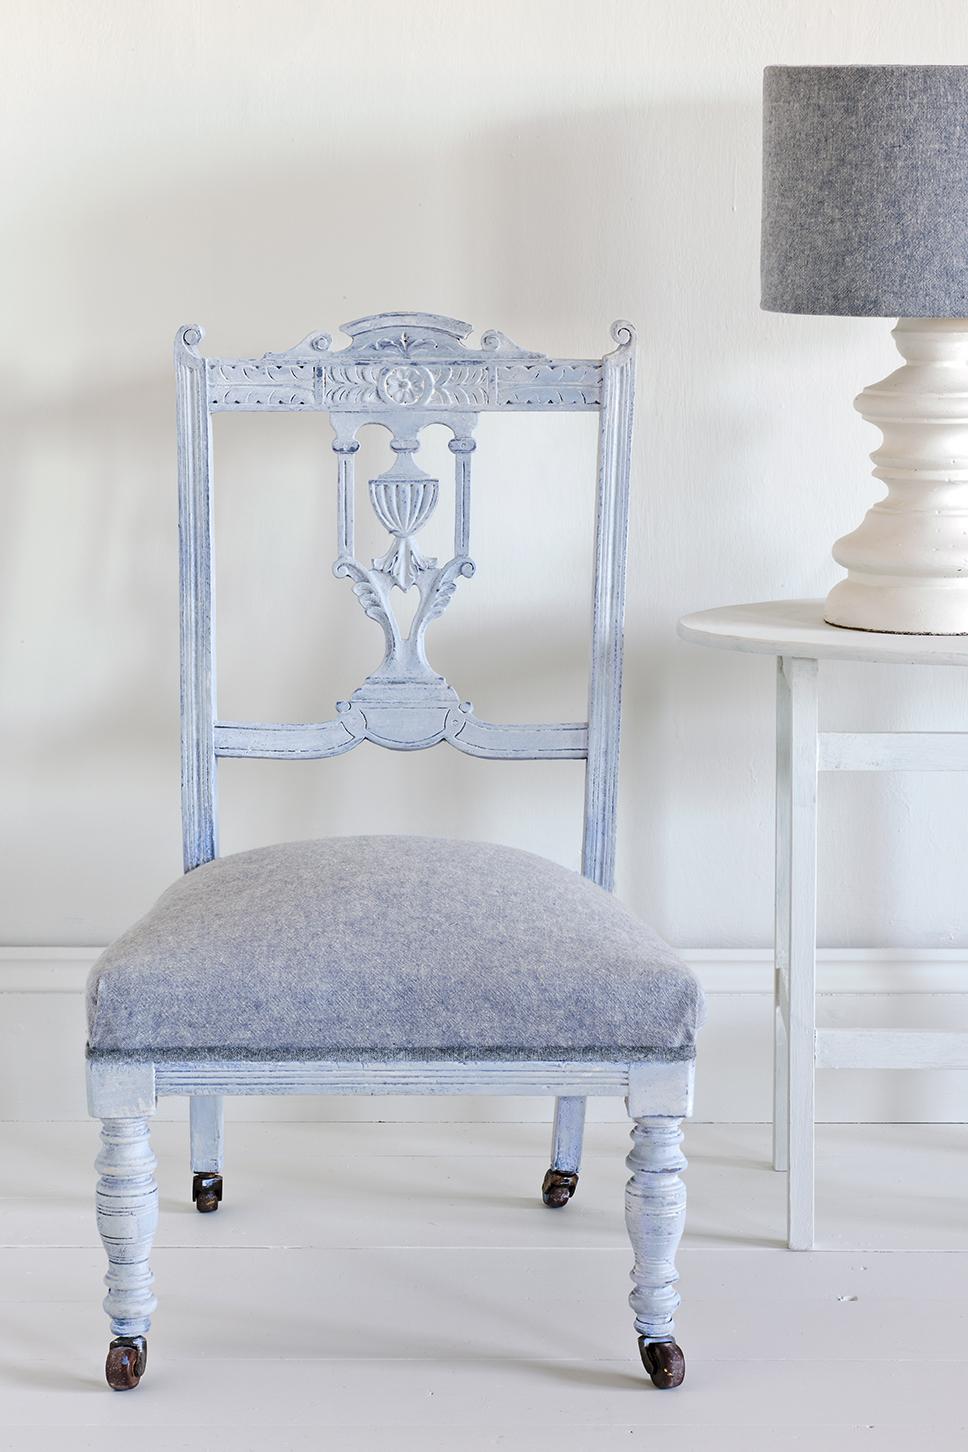 La Chalk Paint en 8 questions | Interior design ideas | Home decor blog